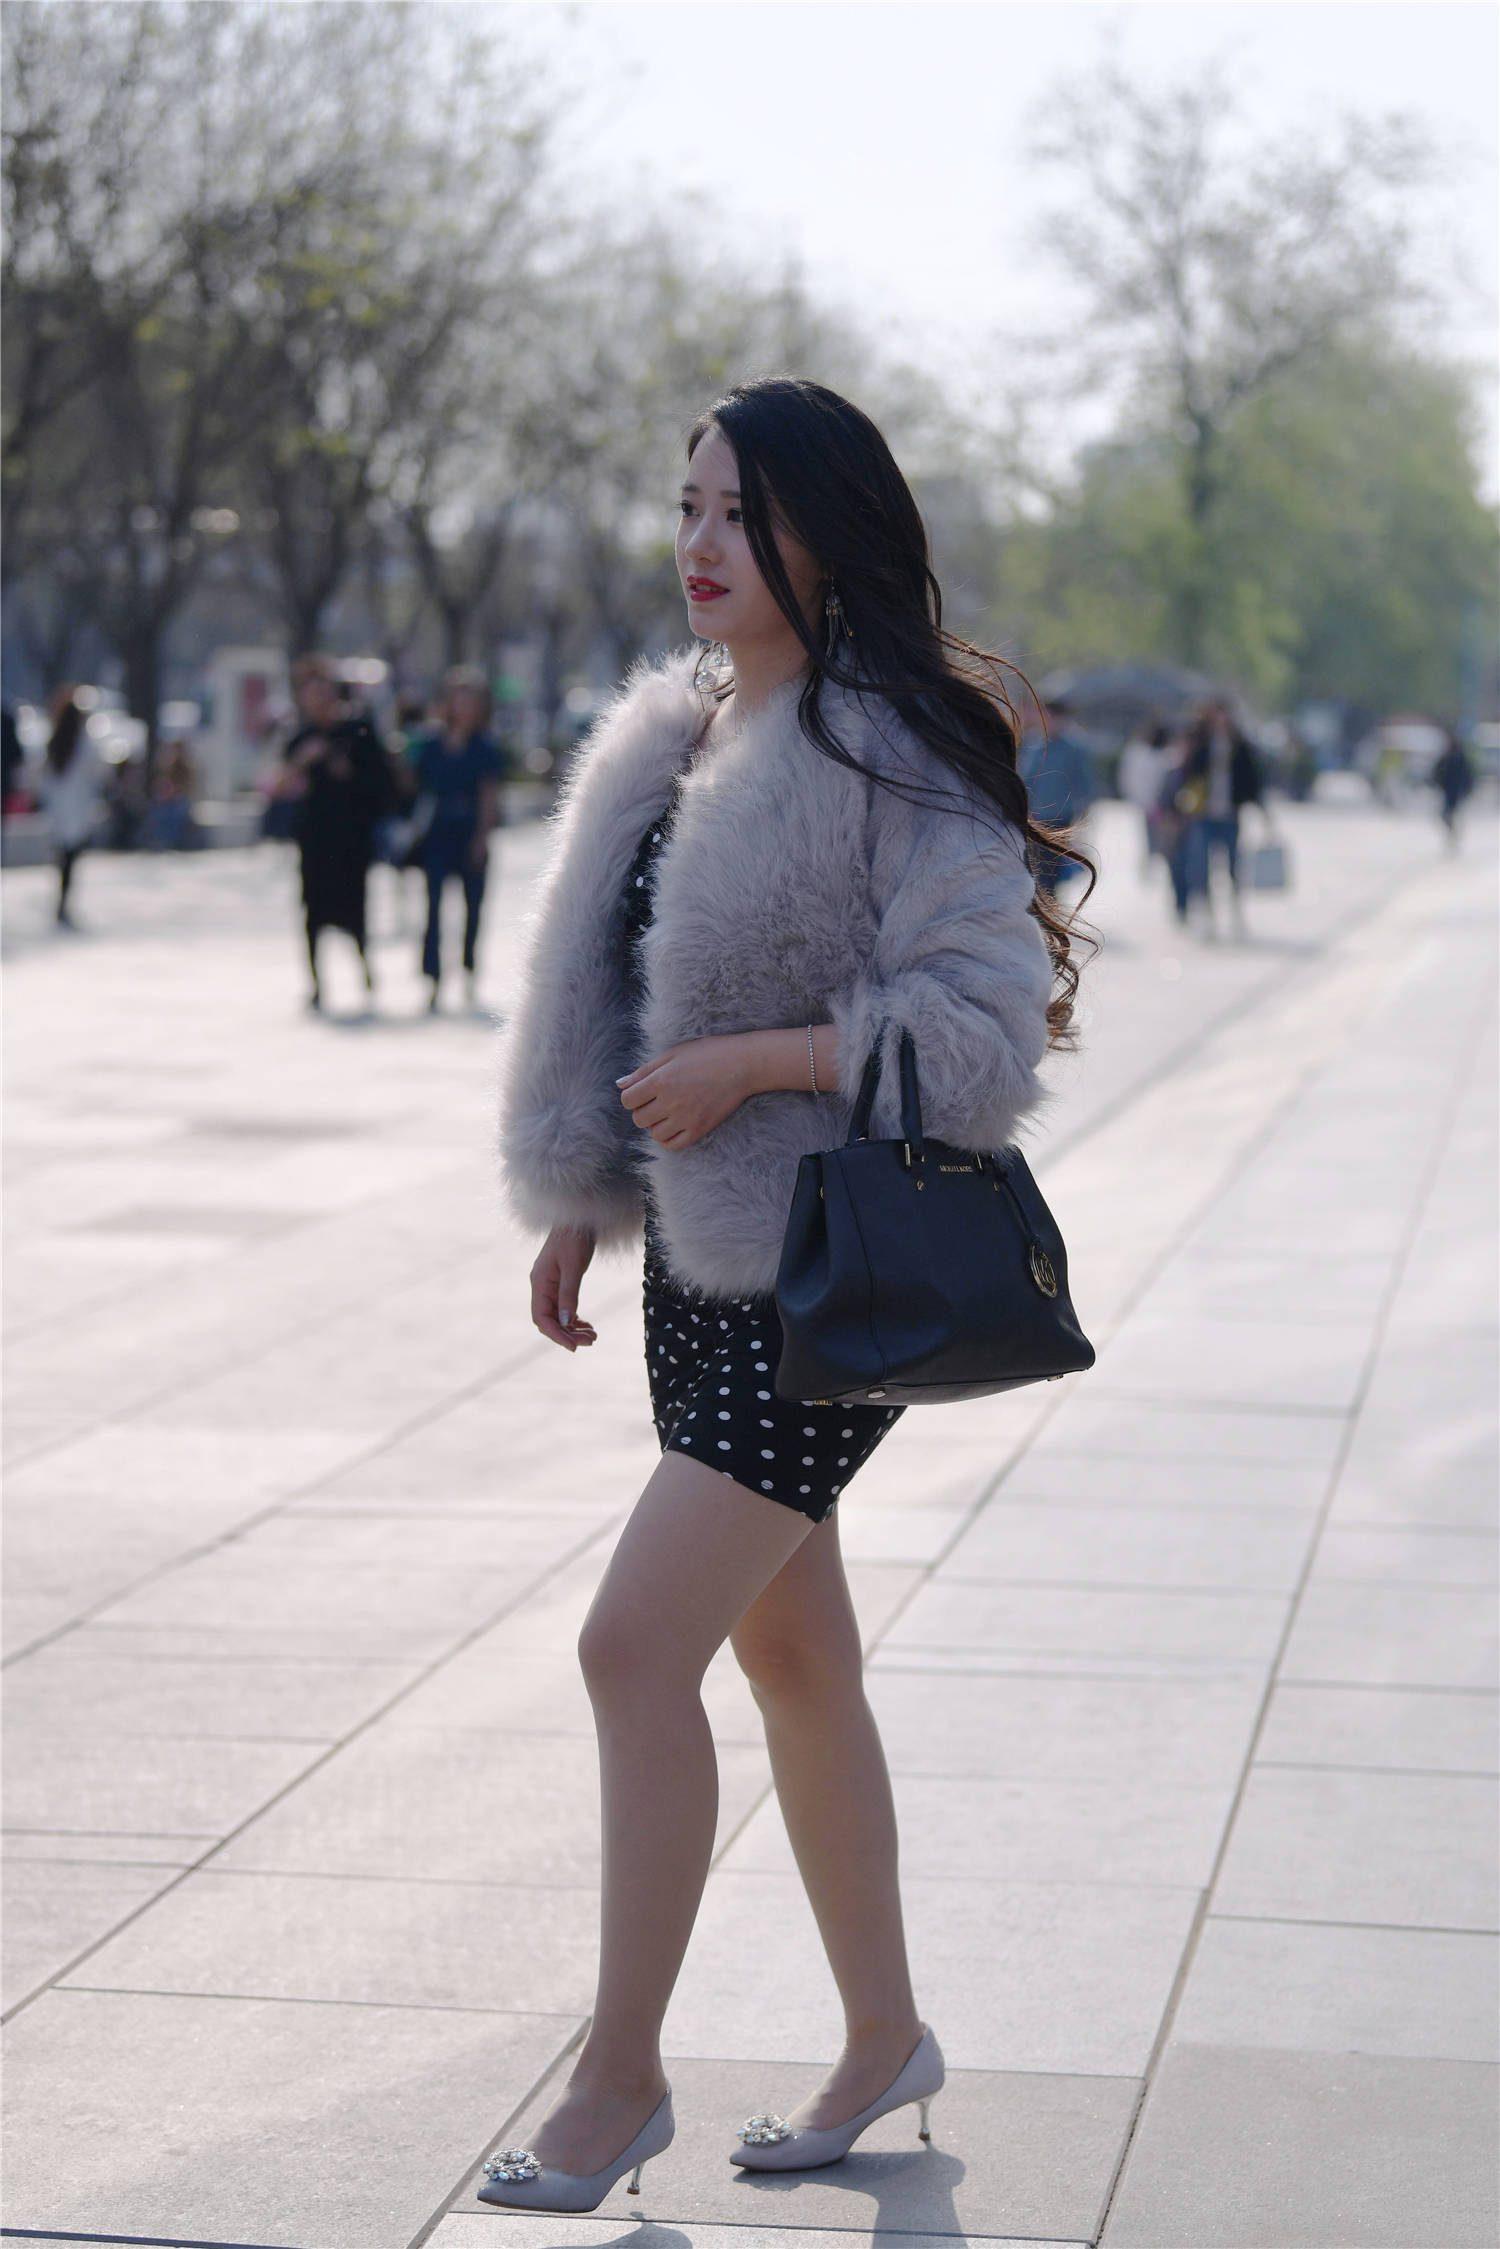 中秋时节,就有搭配皮草的姑娘,紧身裙和高跟鞋,更显气质优雅